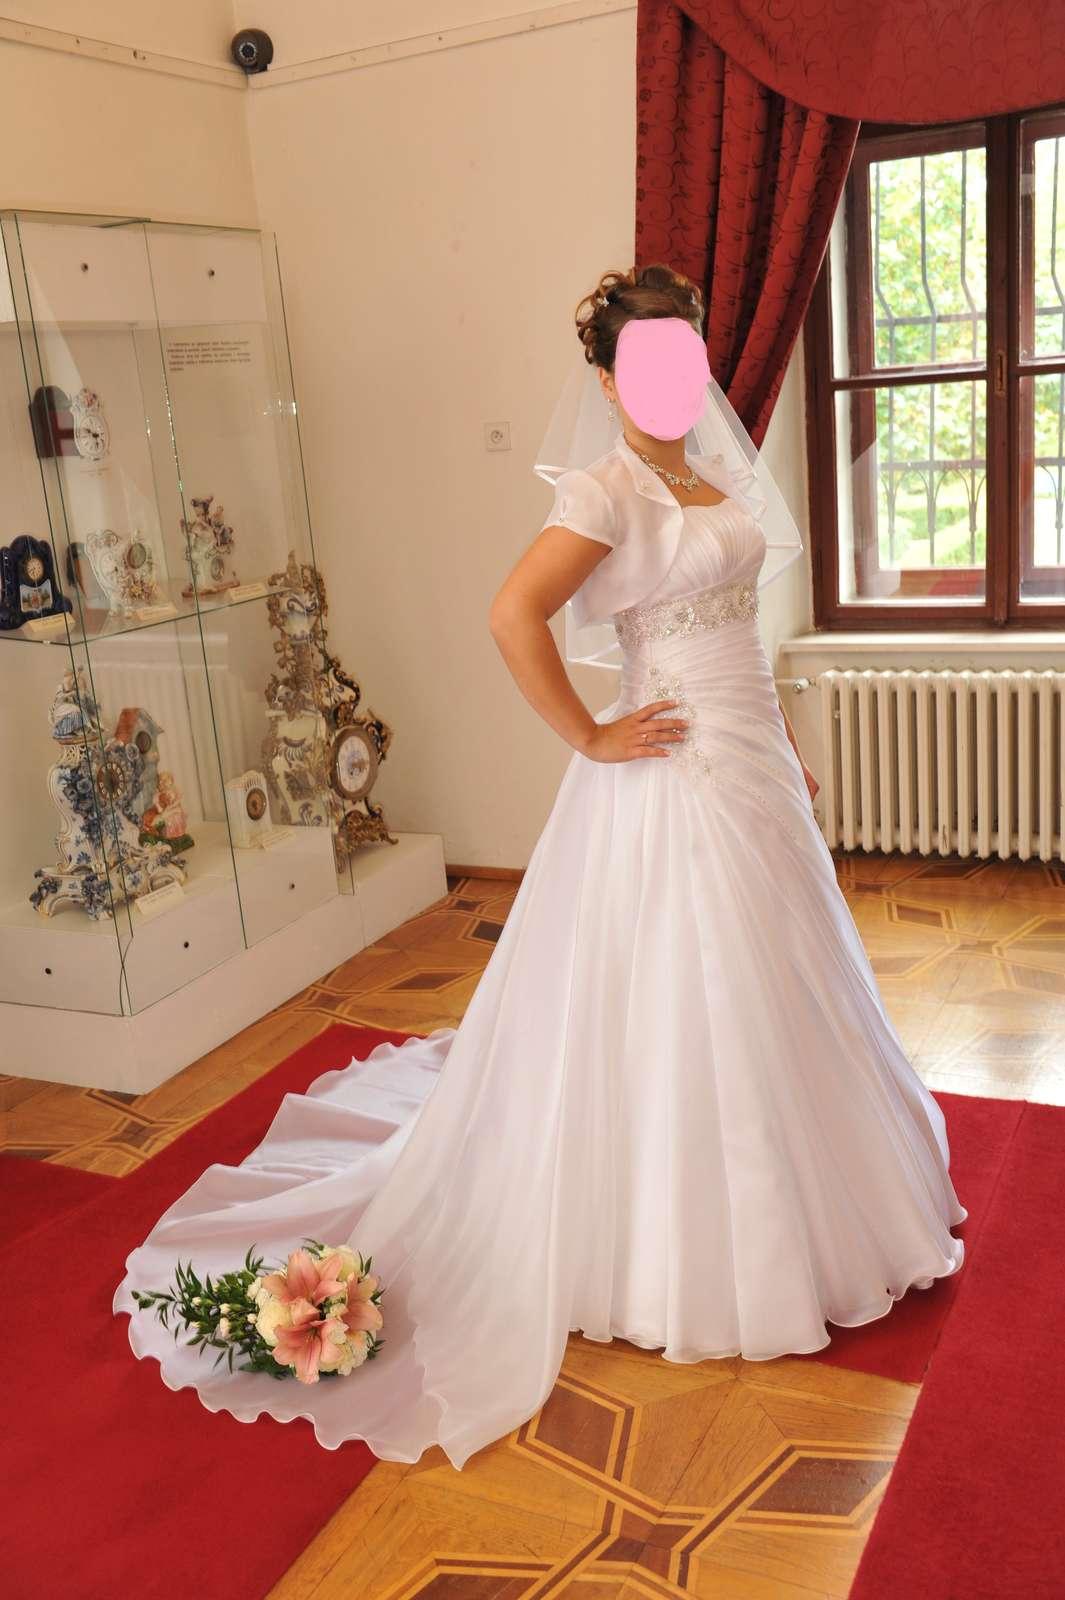 Zlava na svadobne saty - Obrázok č. 1